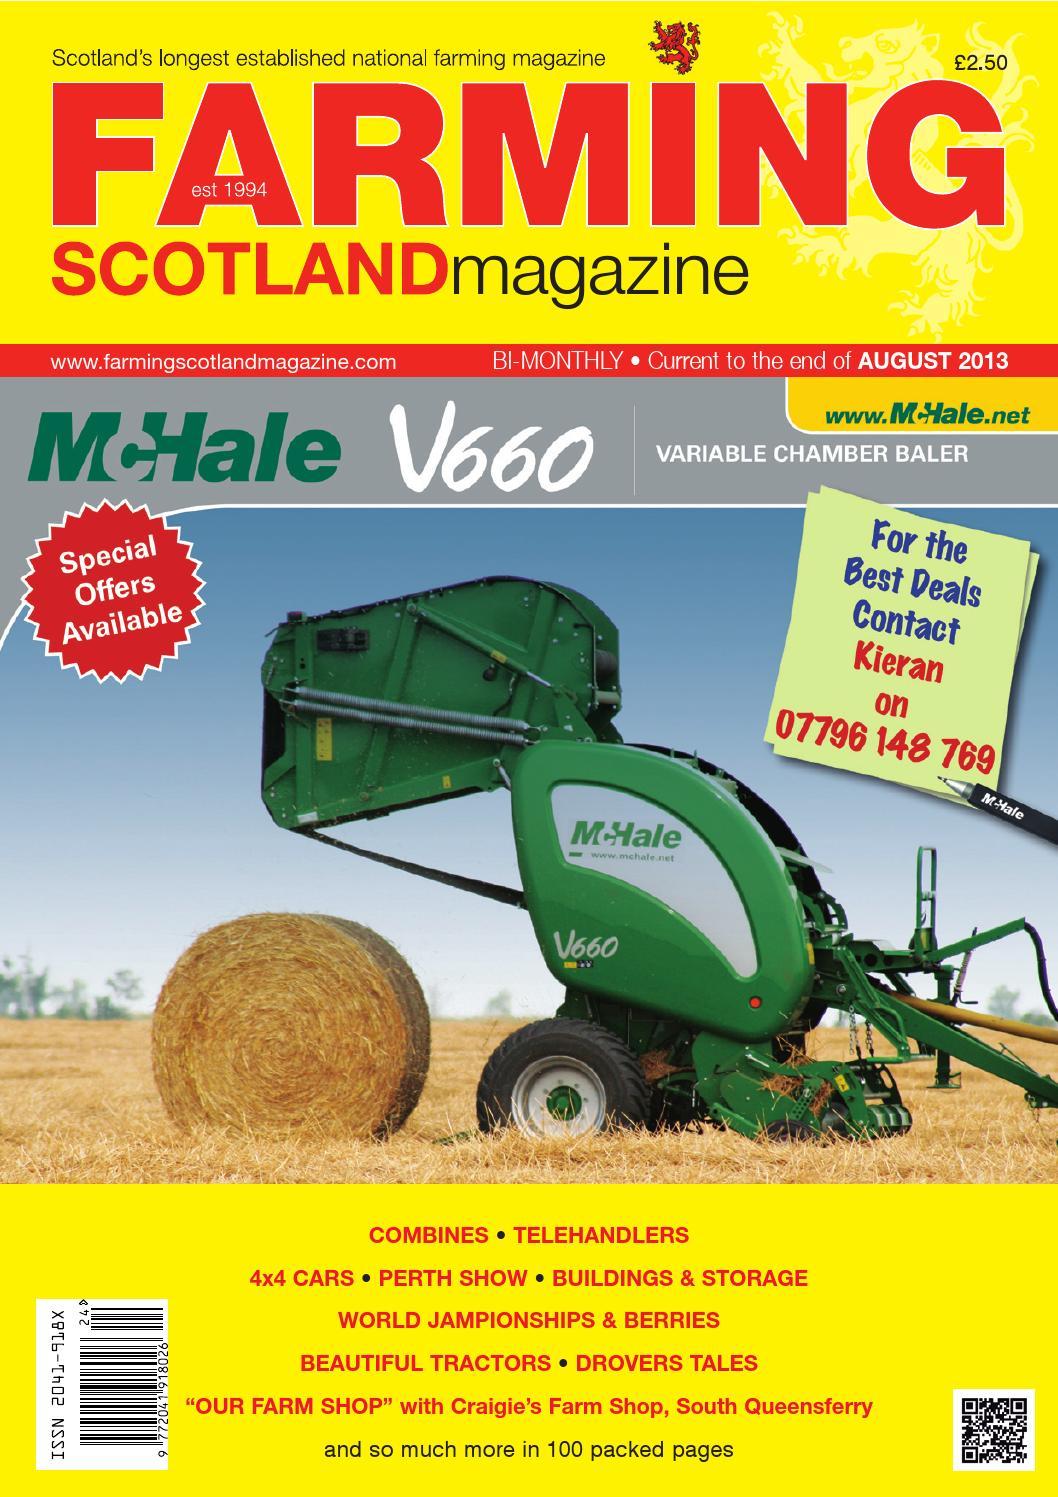 Farming Scotland Magazine July August 2013 by Athole Design & Publishing Ltd issuu